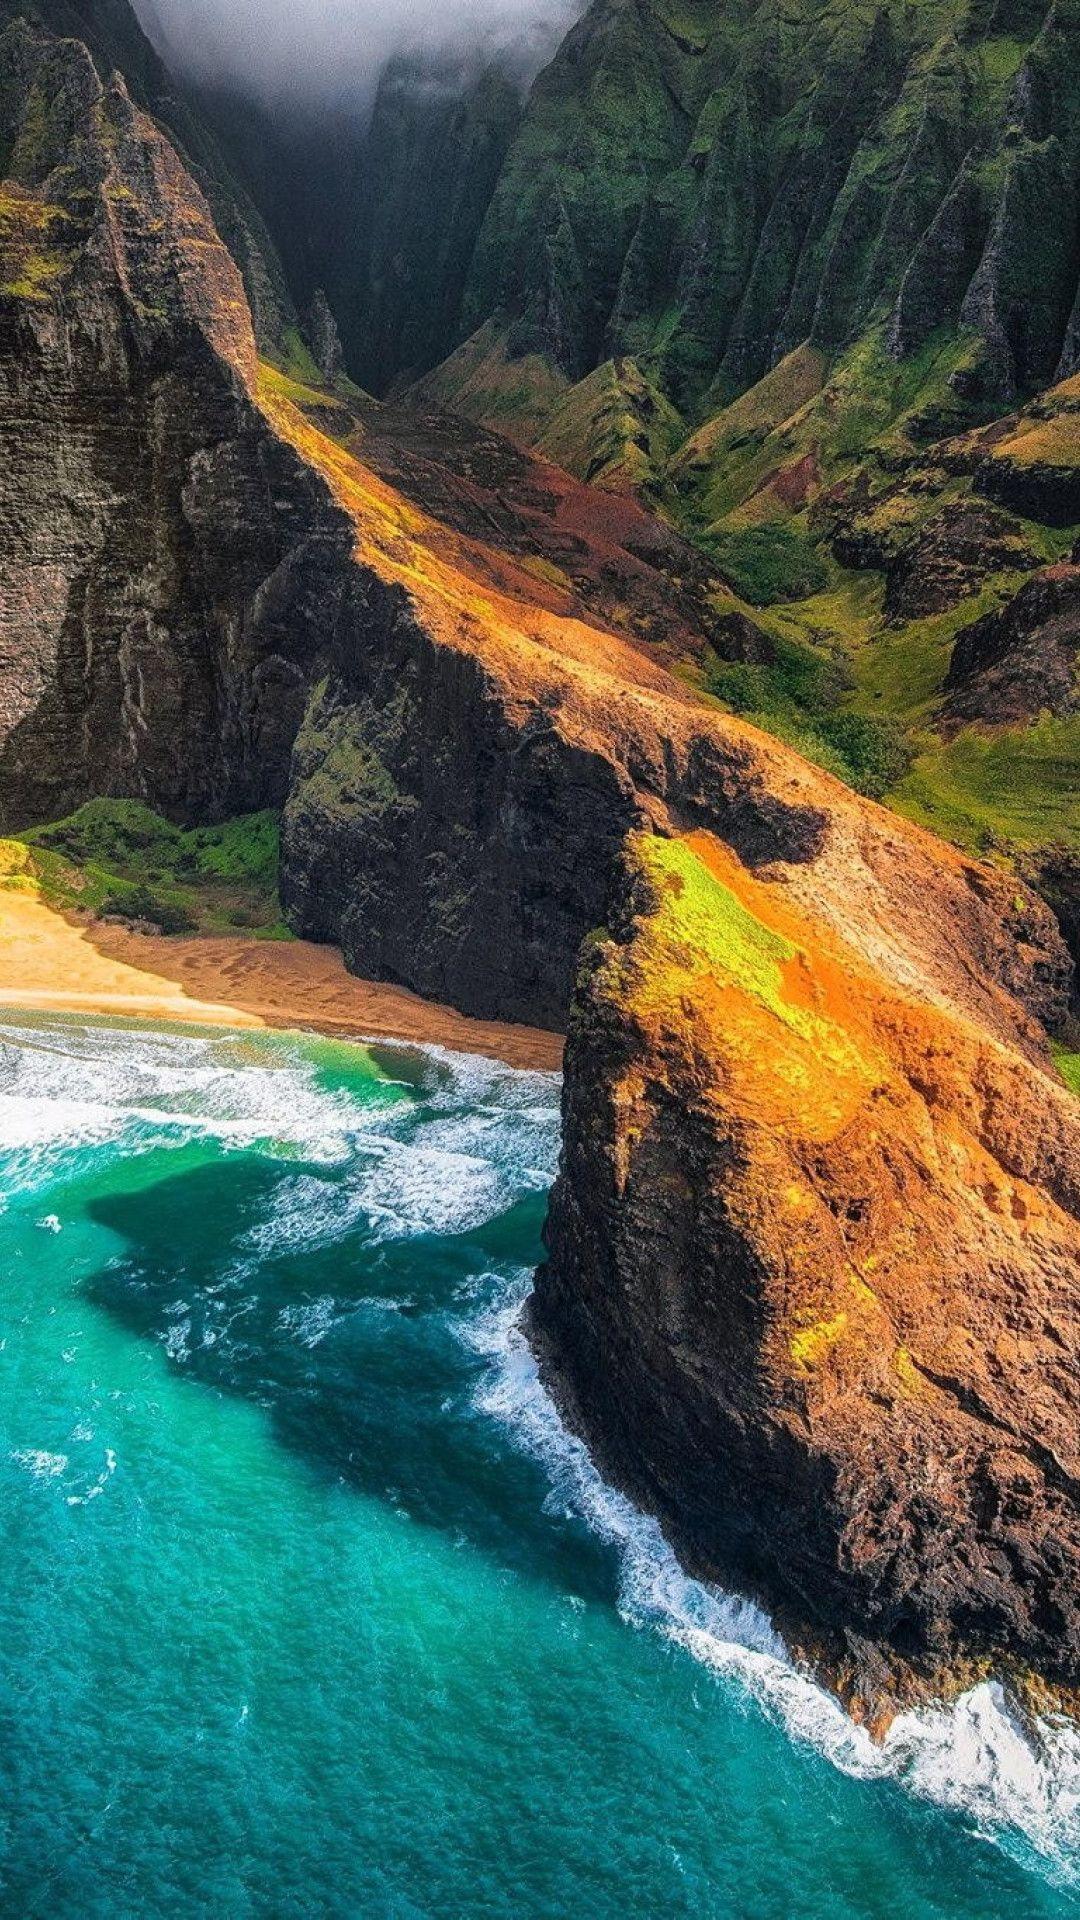 Hawaii iPhone Wallpapers - Top Free Hawaii iPhone ...